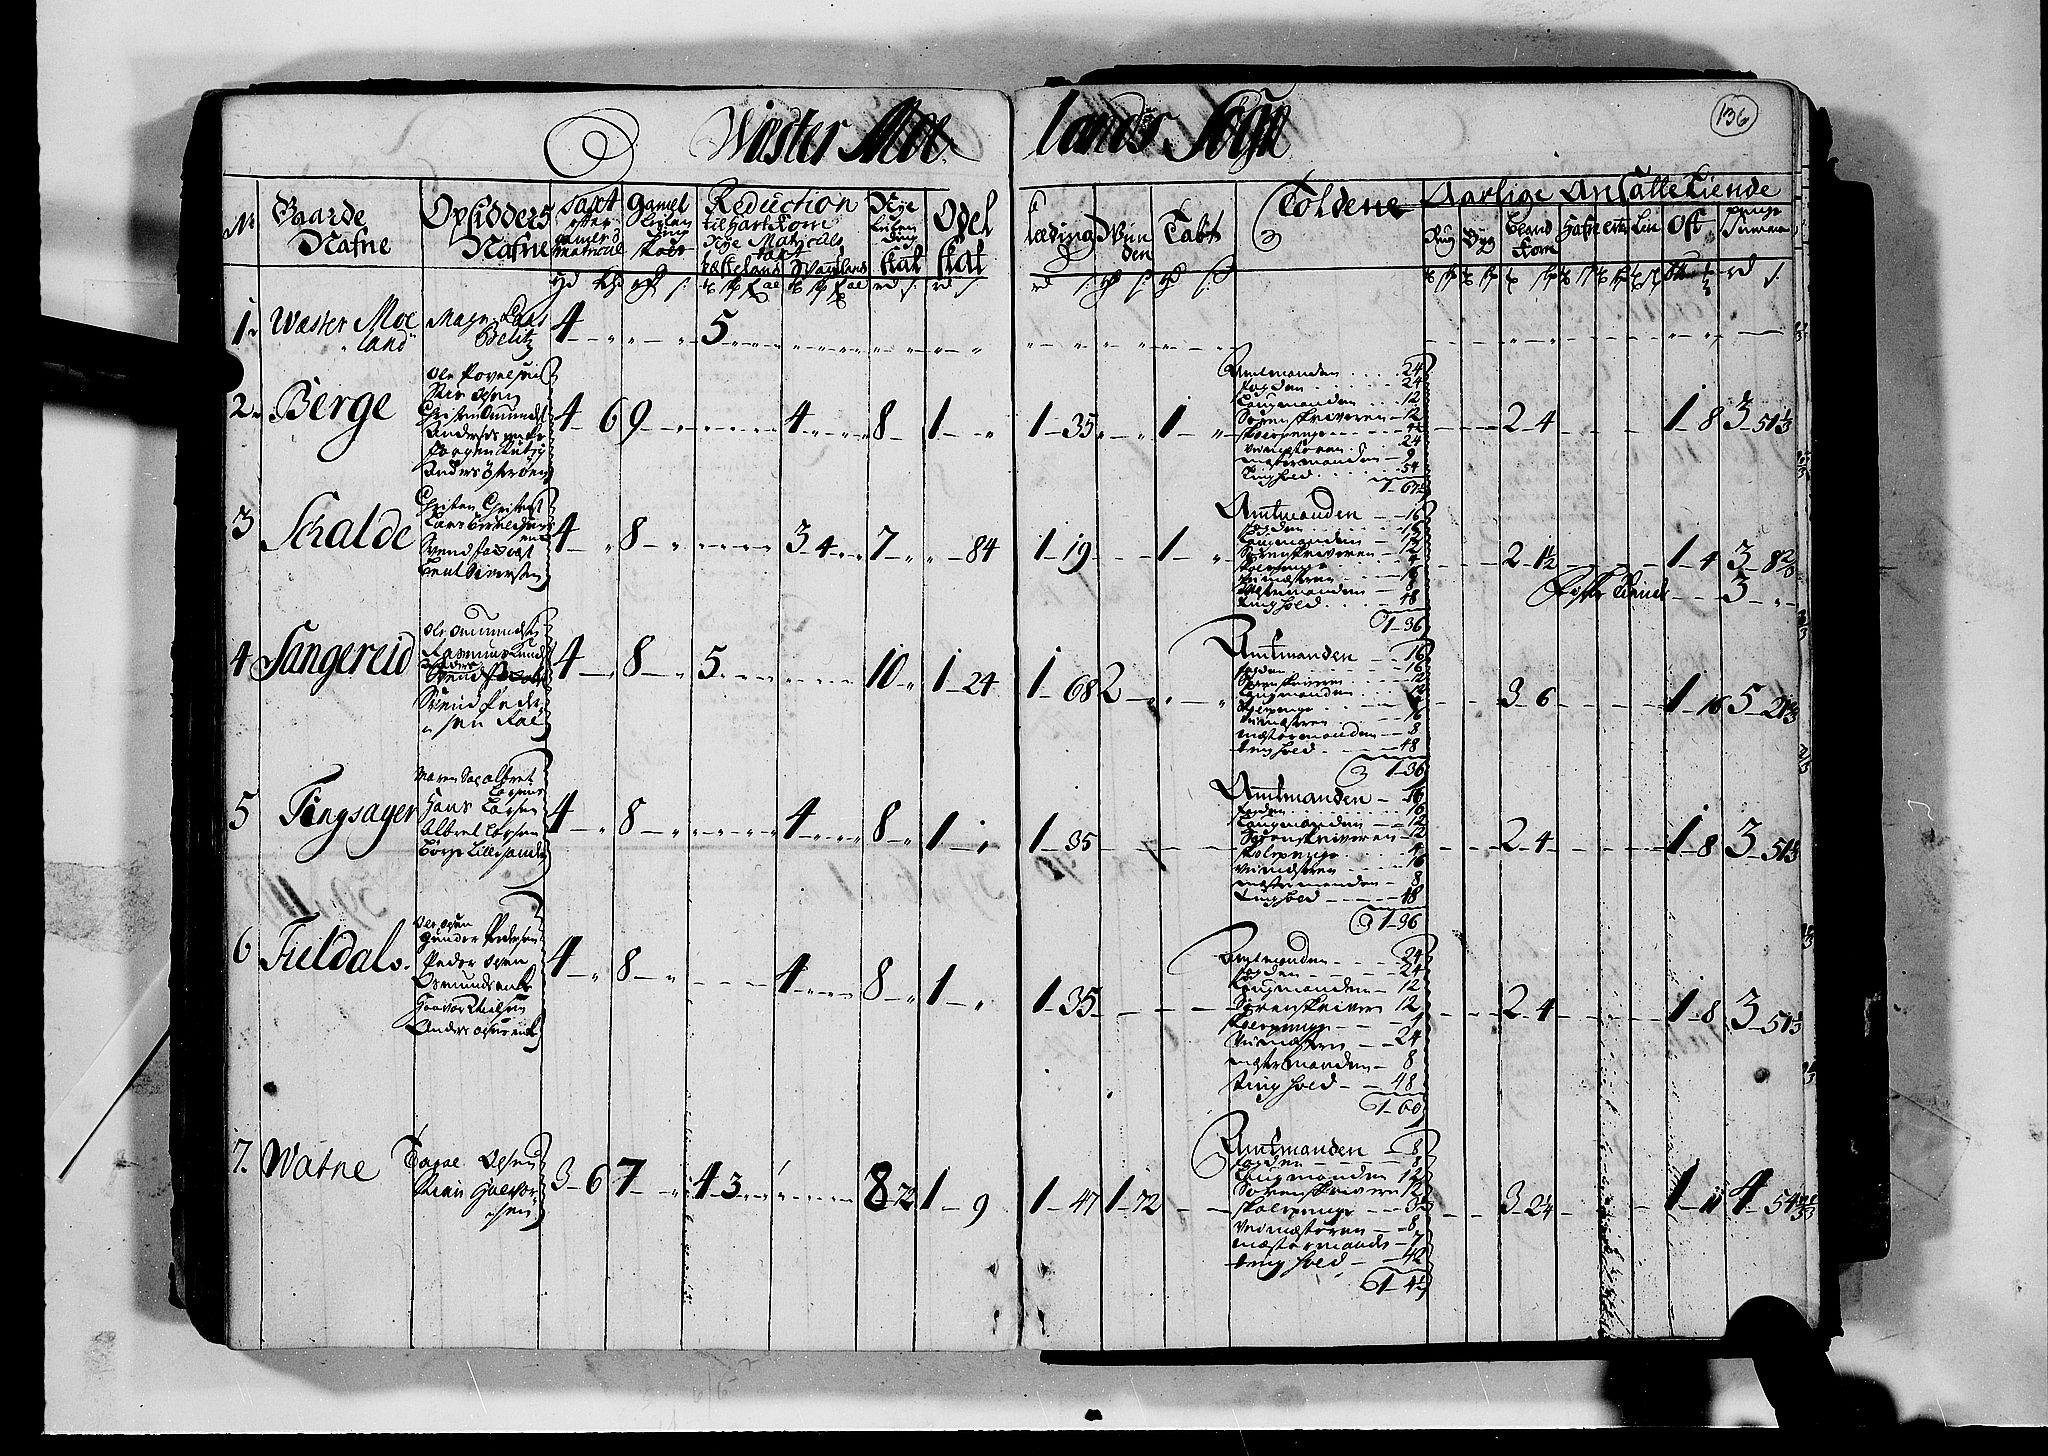 RA, Rentekammeret inntil 1814, Realistisk ordnet avdeling, N/Nb/Nbf/L0124: Nedenes matrikkelprotokoll, 1723, s. 135b-136a